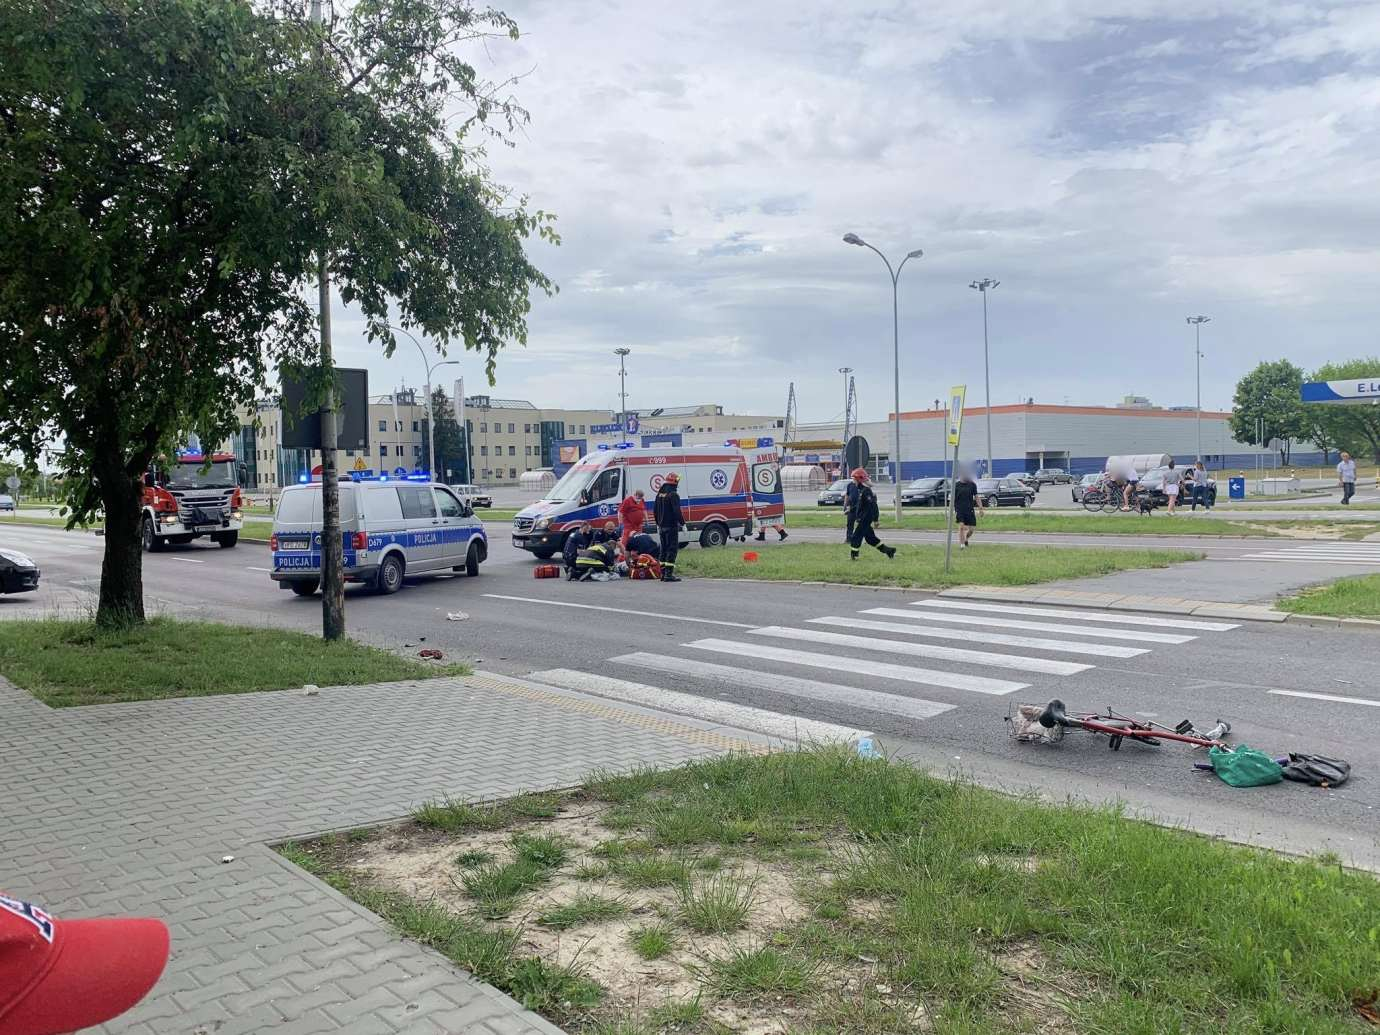 103081650 281810203094712 2301286303449475302 n Ku przestrodze publikujemy nagranie WIDEO z niedzielnego wypadku na Wyszyńskiego. Obejrzyjcie jako przestrogę.